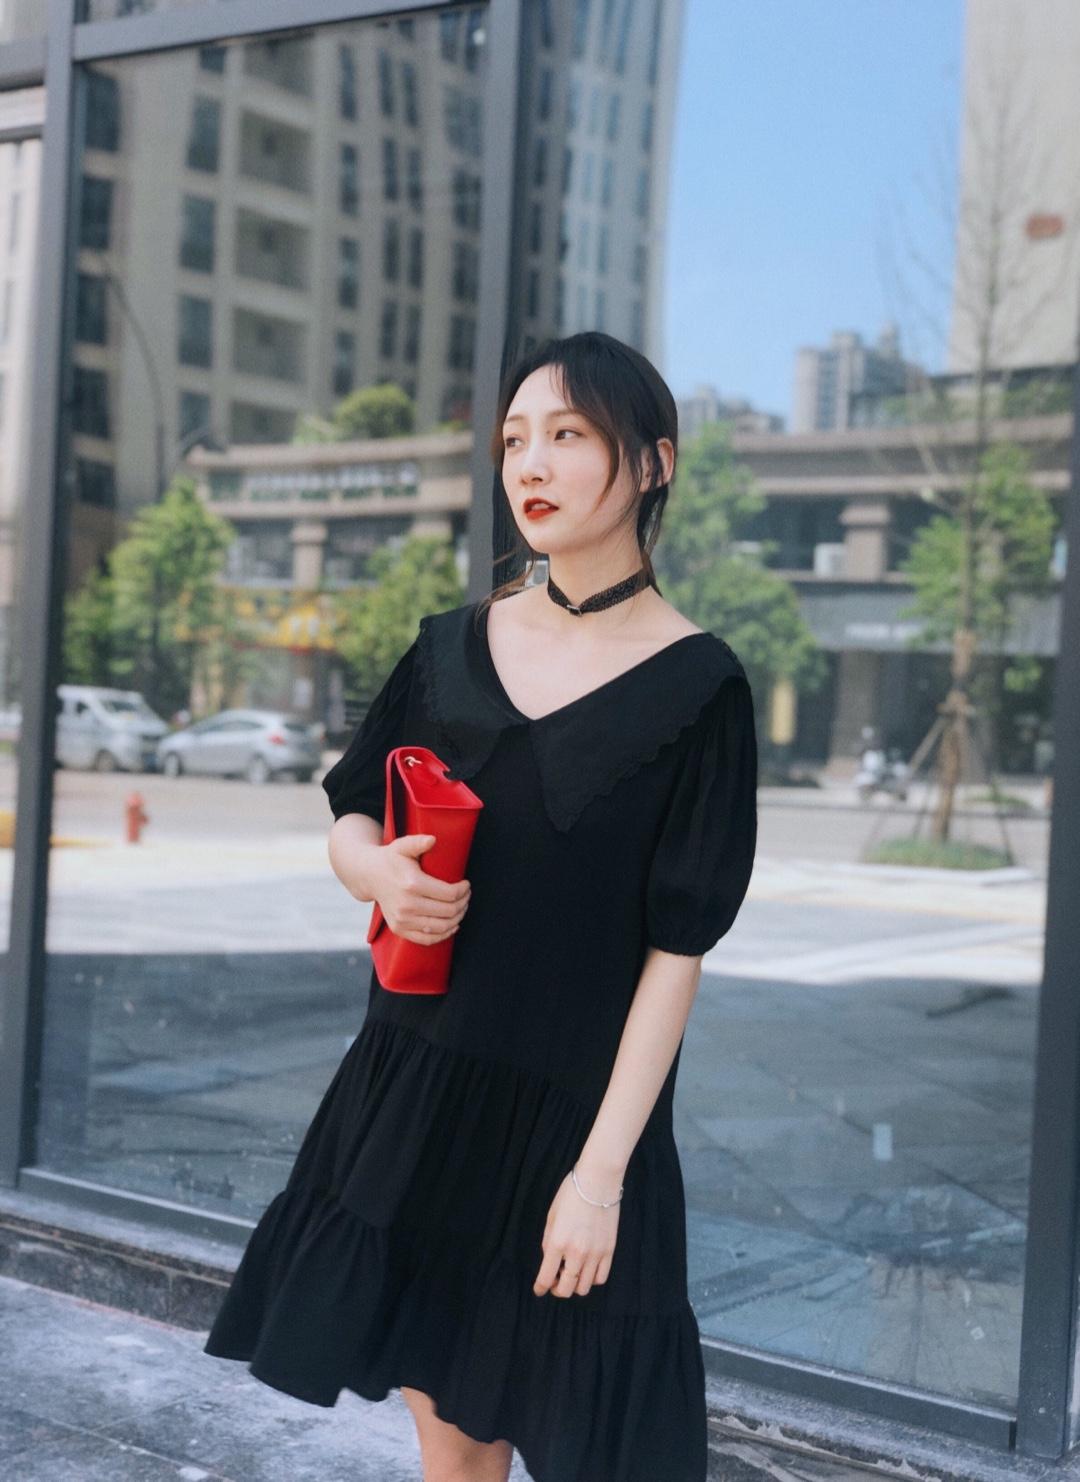 #夏乏的我只穿one piece!#  天热了喜欢穿这种one piece 一件就出门很方便 宽松的设计带有小黑色蕾丝领 俏皮可爱 因为领子有点大配了一条choc很时髦 泡泡袖和宽松的下摆都很显瘦 黑色搭配红色的手包和红色的小单鞋呼应 方便又洋气❤️